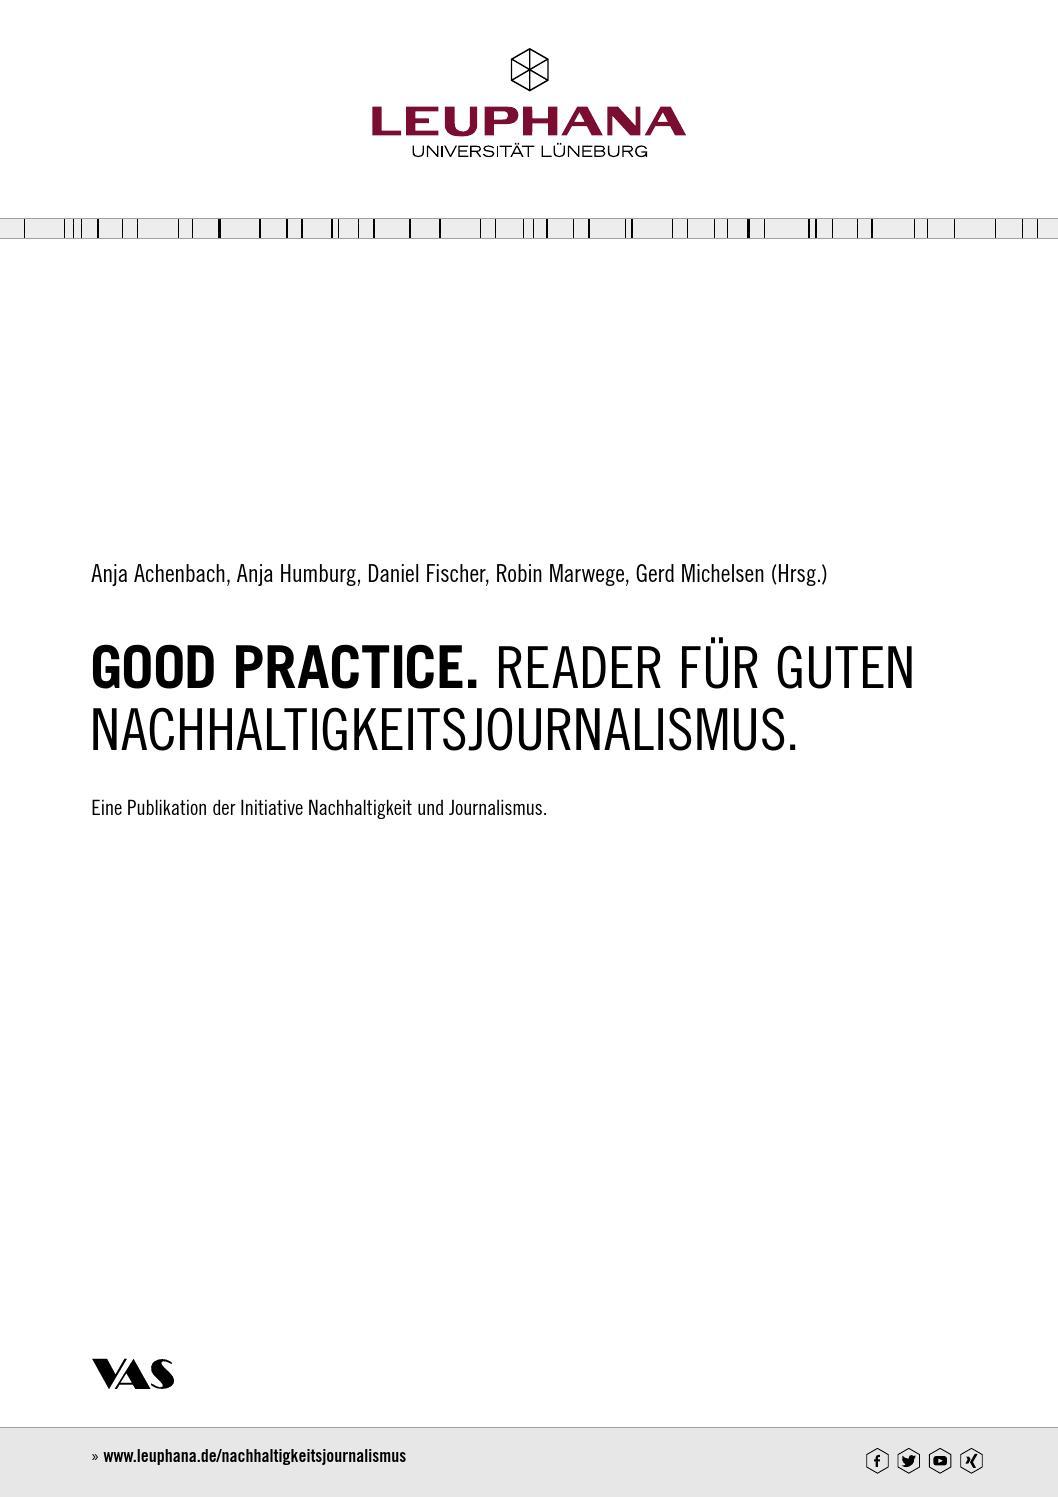 Good Practice Reader Für Guten Nachhaltigkeitsjournalismus